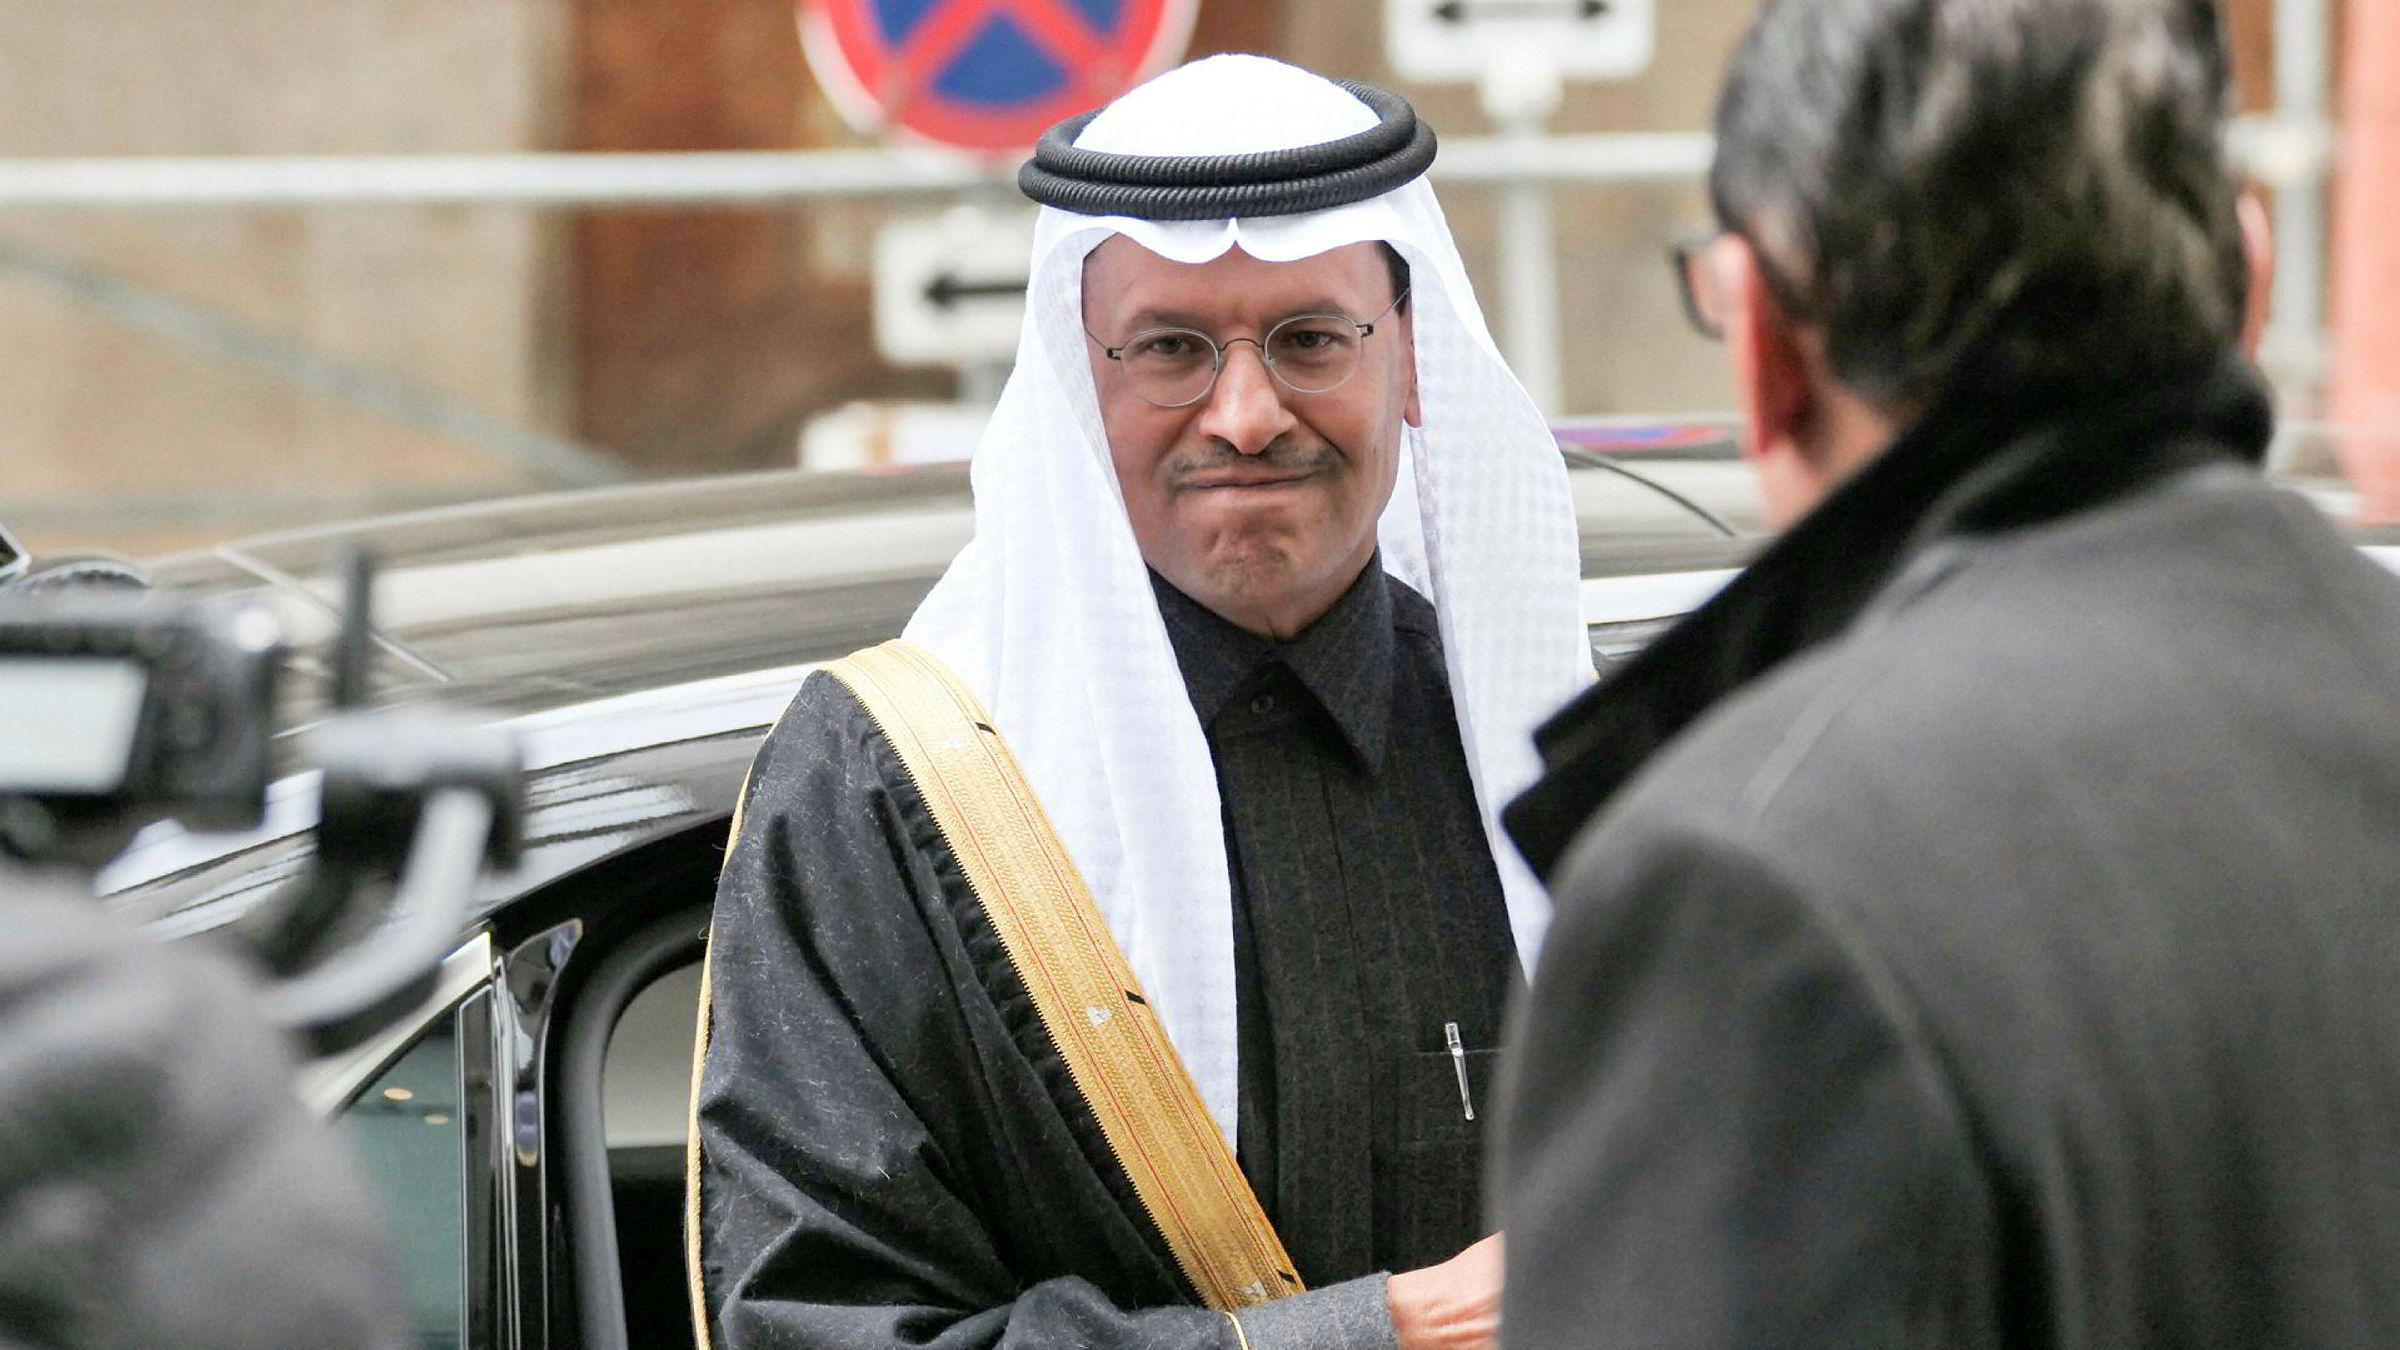 Saudi-Arabias oljeminister prins Abdulaziz bin Salman al-Saud tok hovedrollen på Opec-møtet i Wien denne uken.